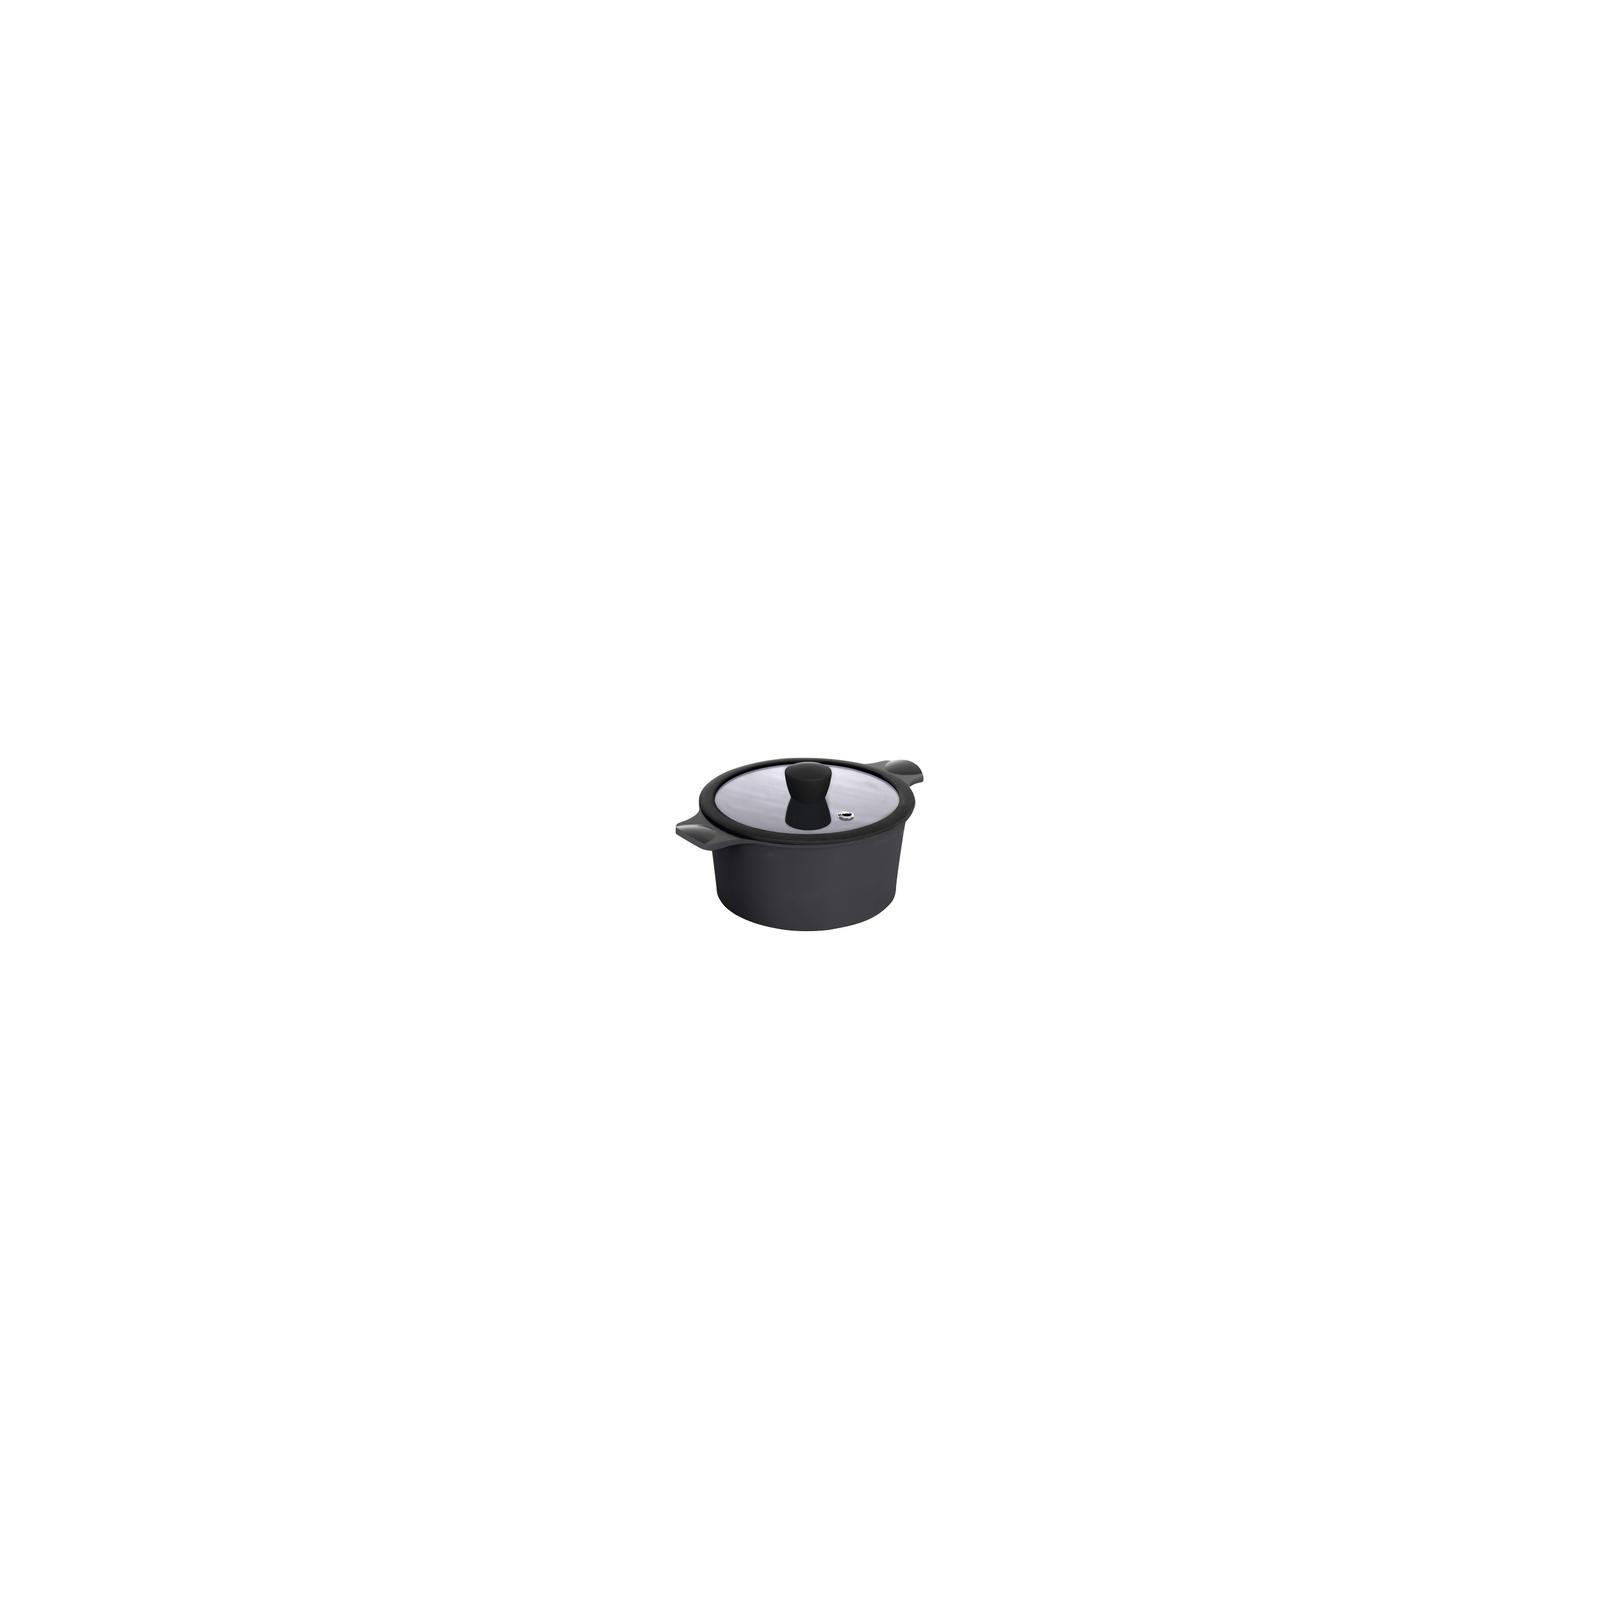 Кастрюля Ringel Zitrone black с крышкой 5,8 л (RG-2108-24/2 BL)